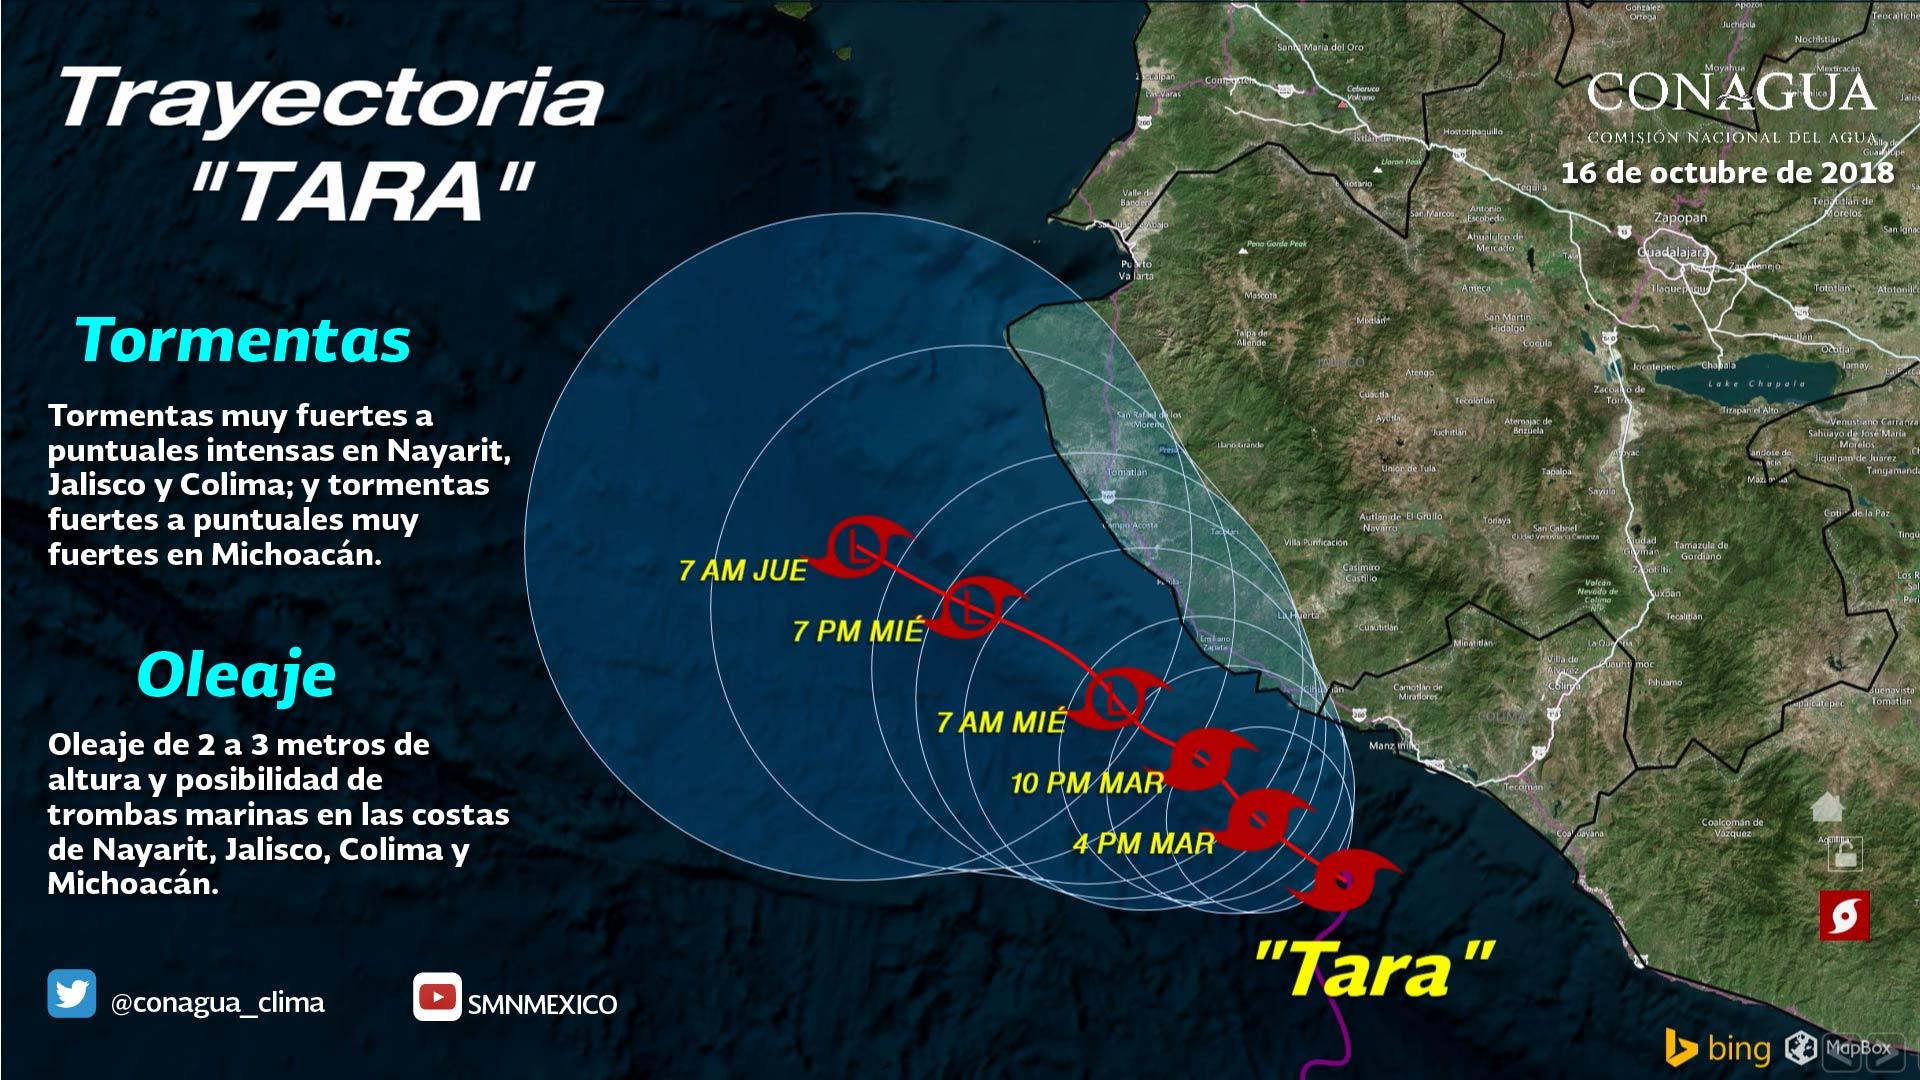 Tara se degradó a depresión tropical